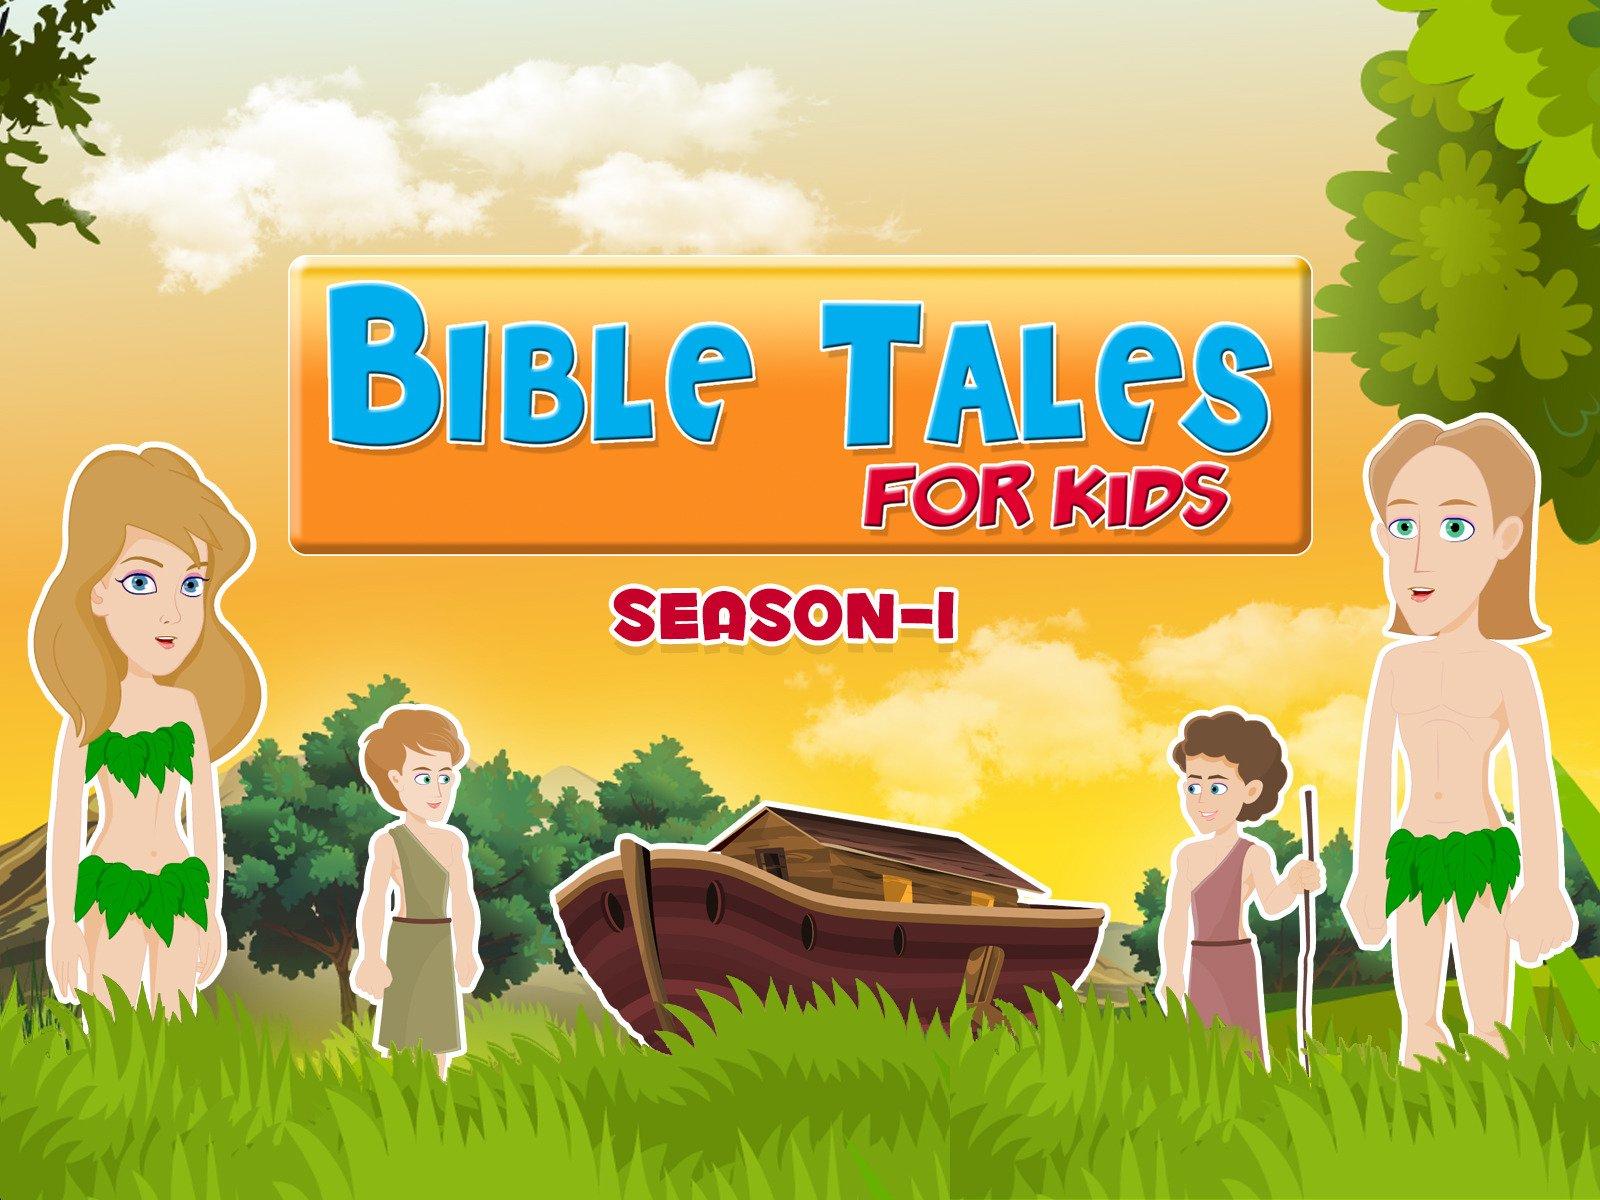 Bible Tales for Kids - Season 1